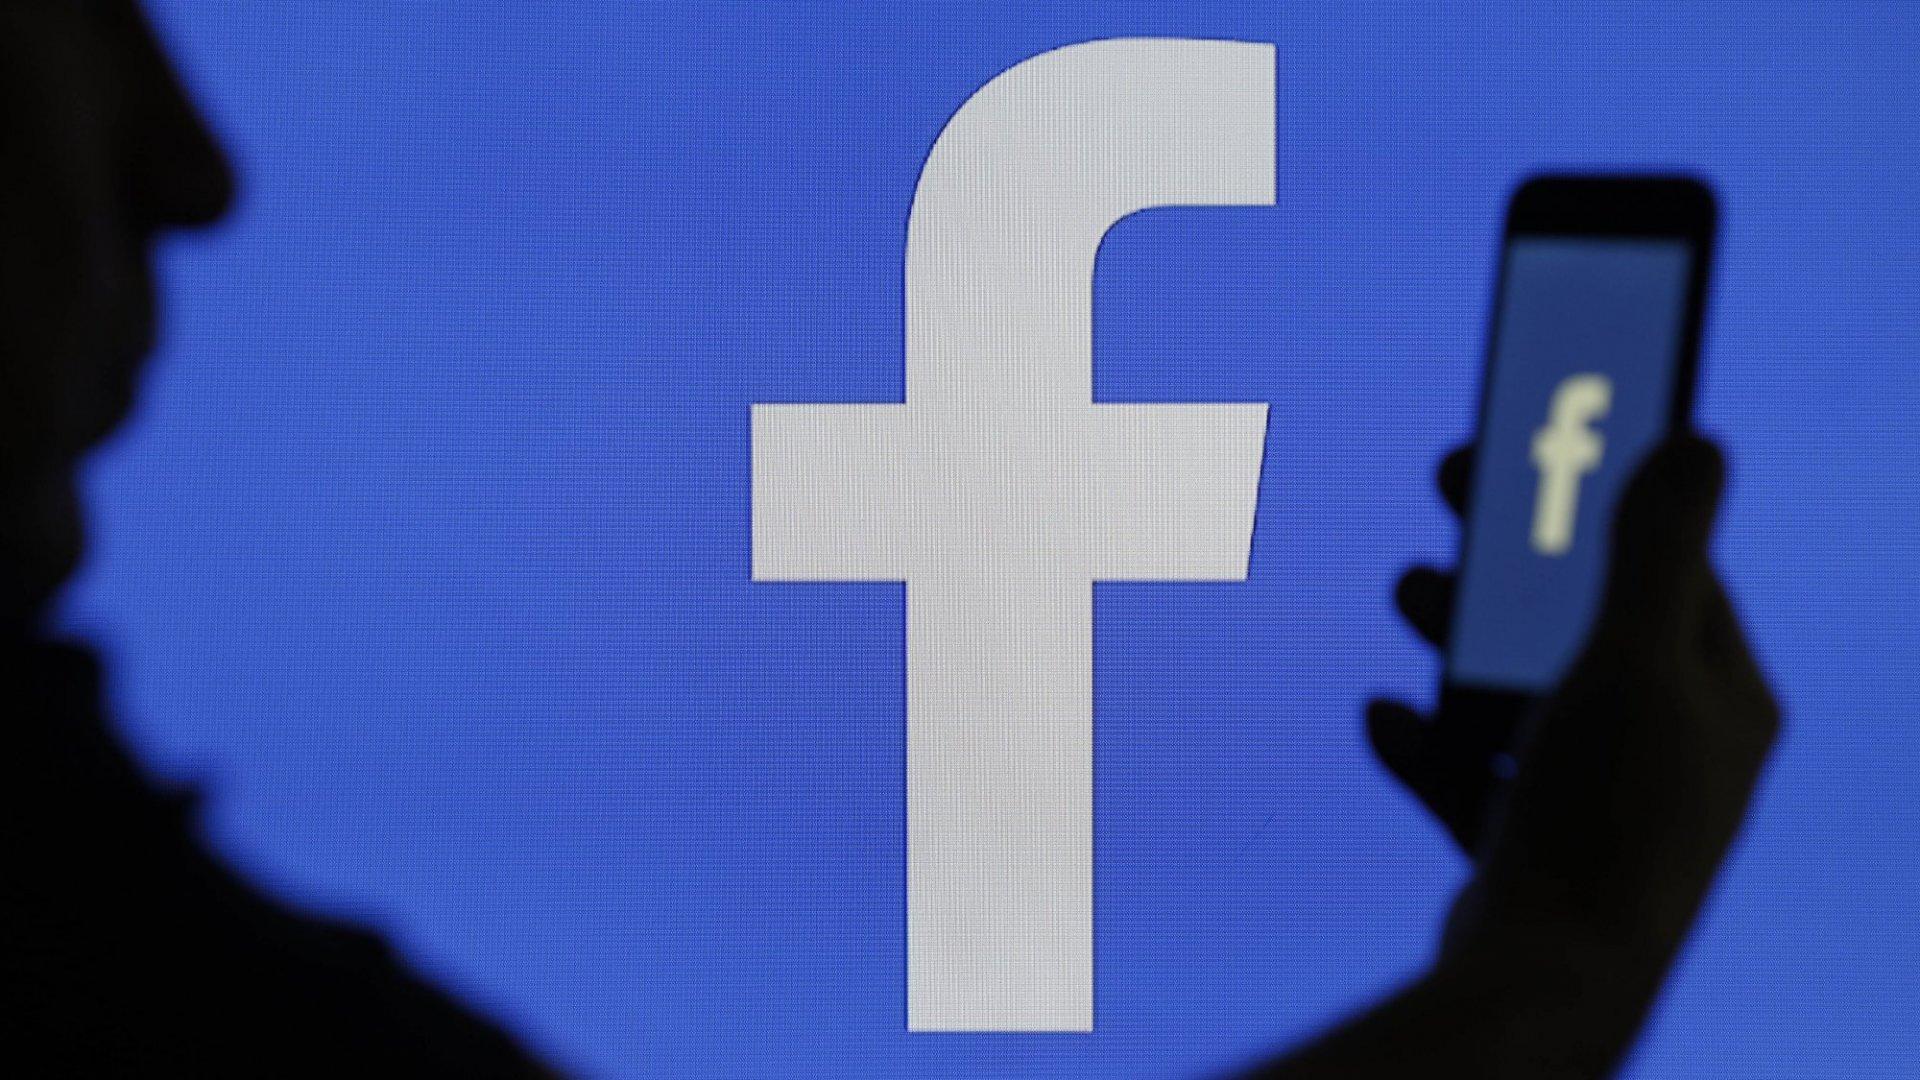 Pesquisadores sobre desinformação são banidos do facebook